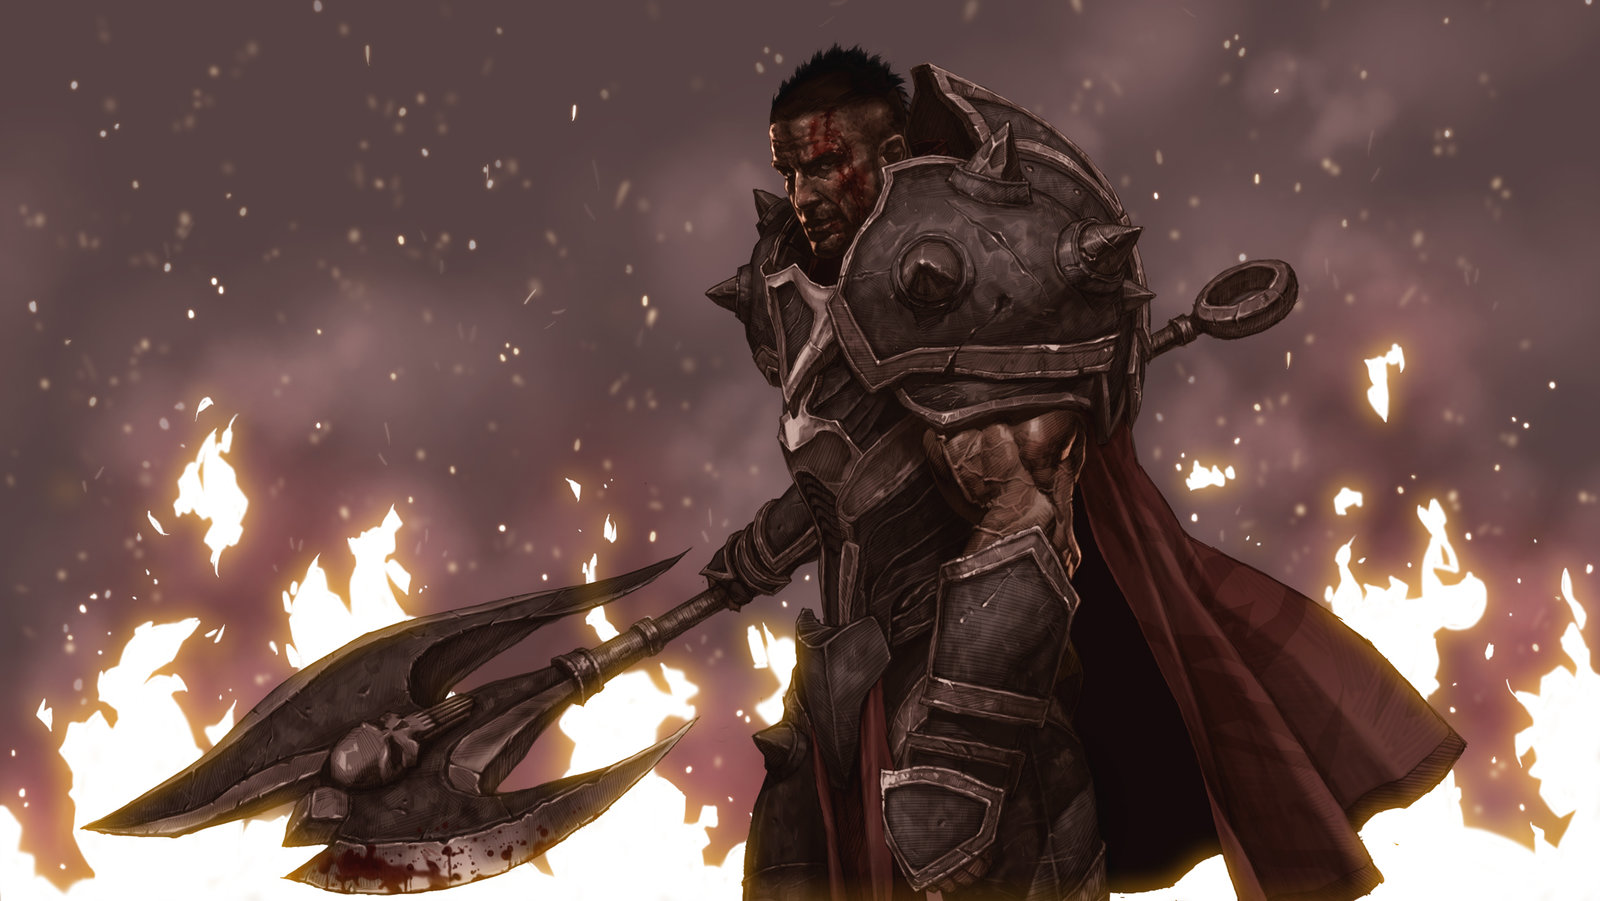 Darius League Of Legends Fan Art 1